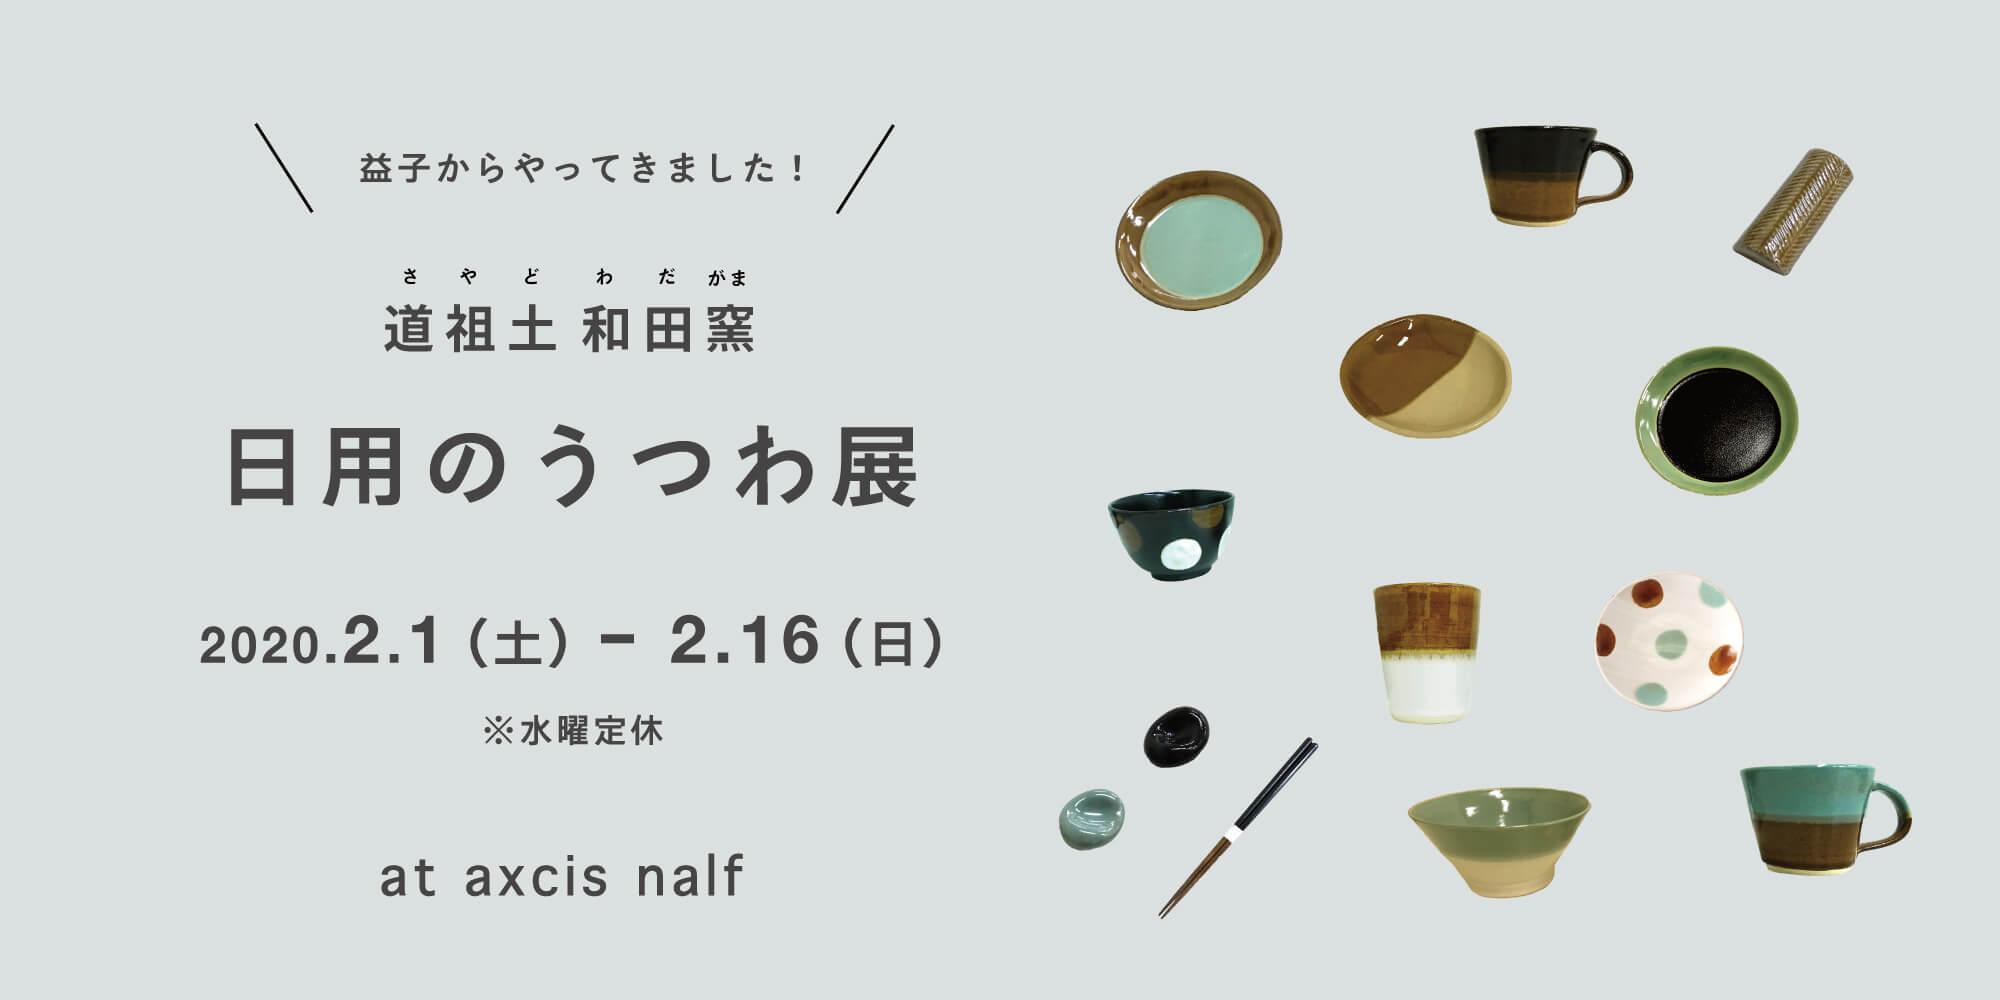 道祖土 -日用のうつわ展-のイベント情報を掲載しました。